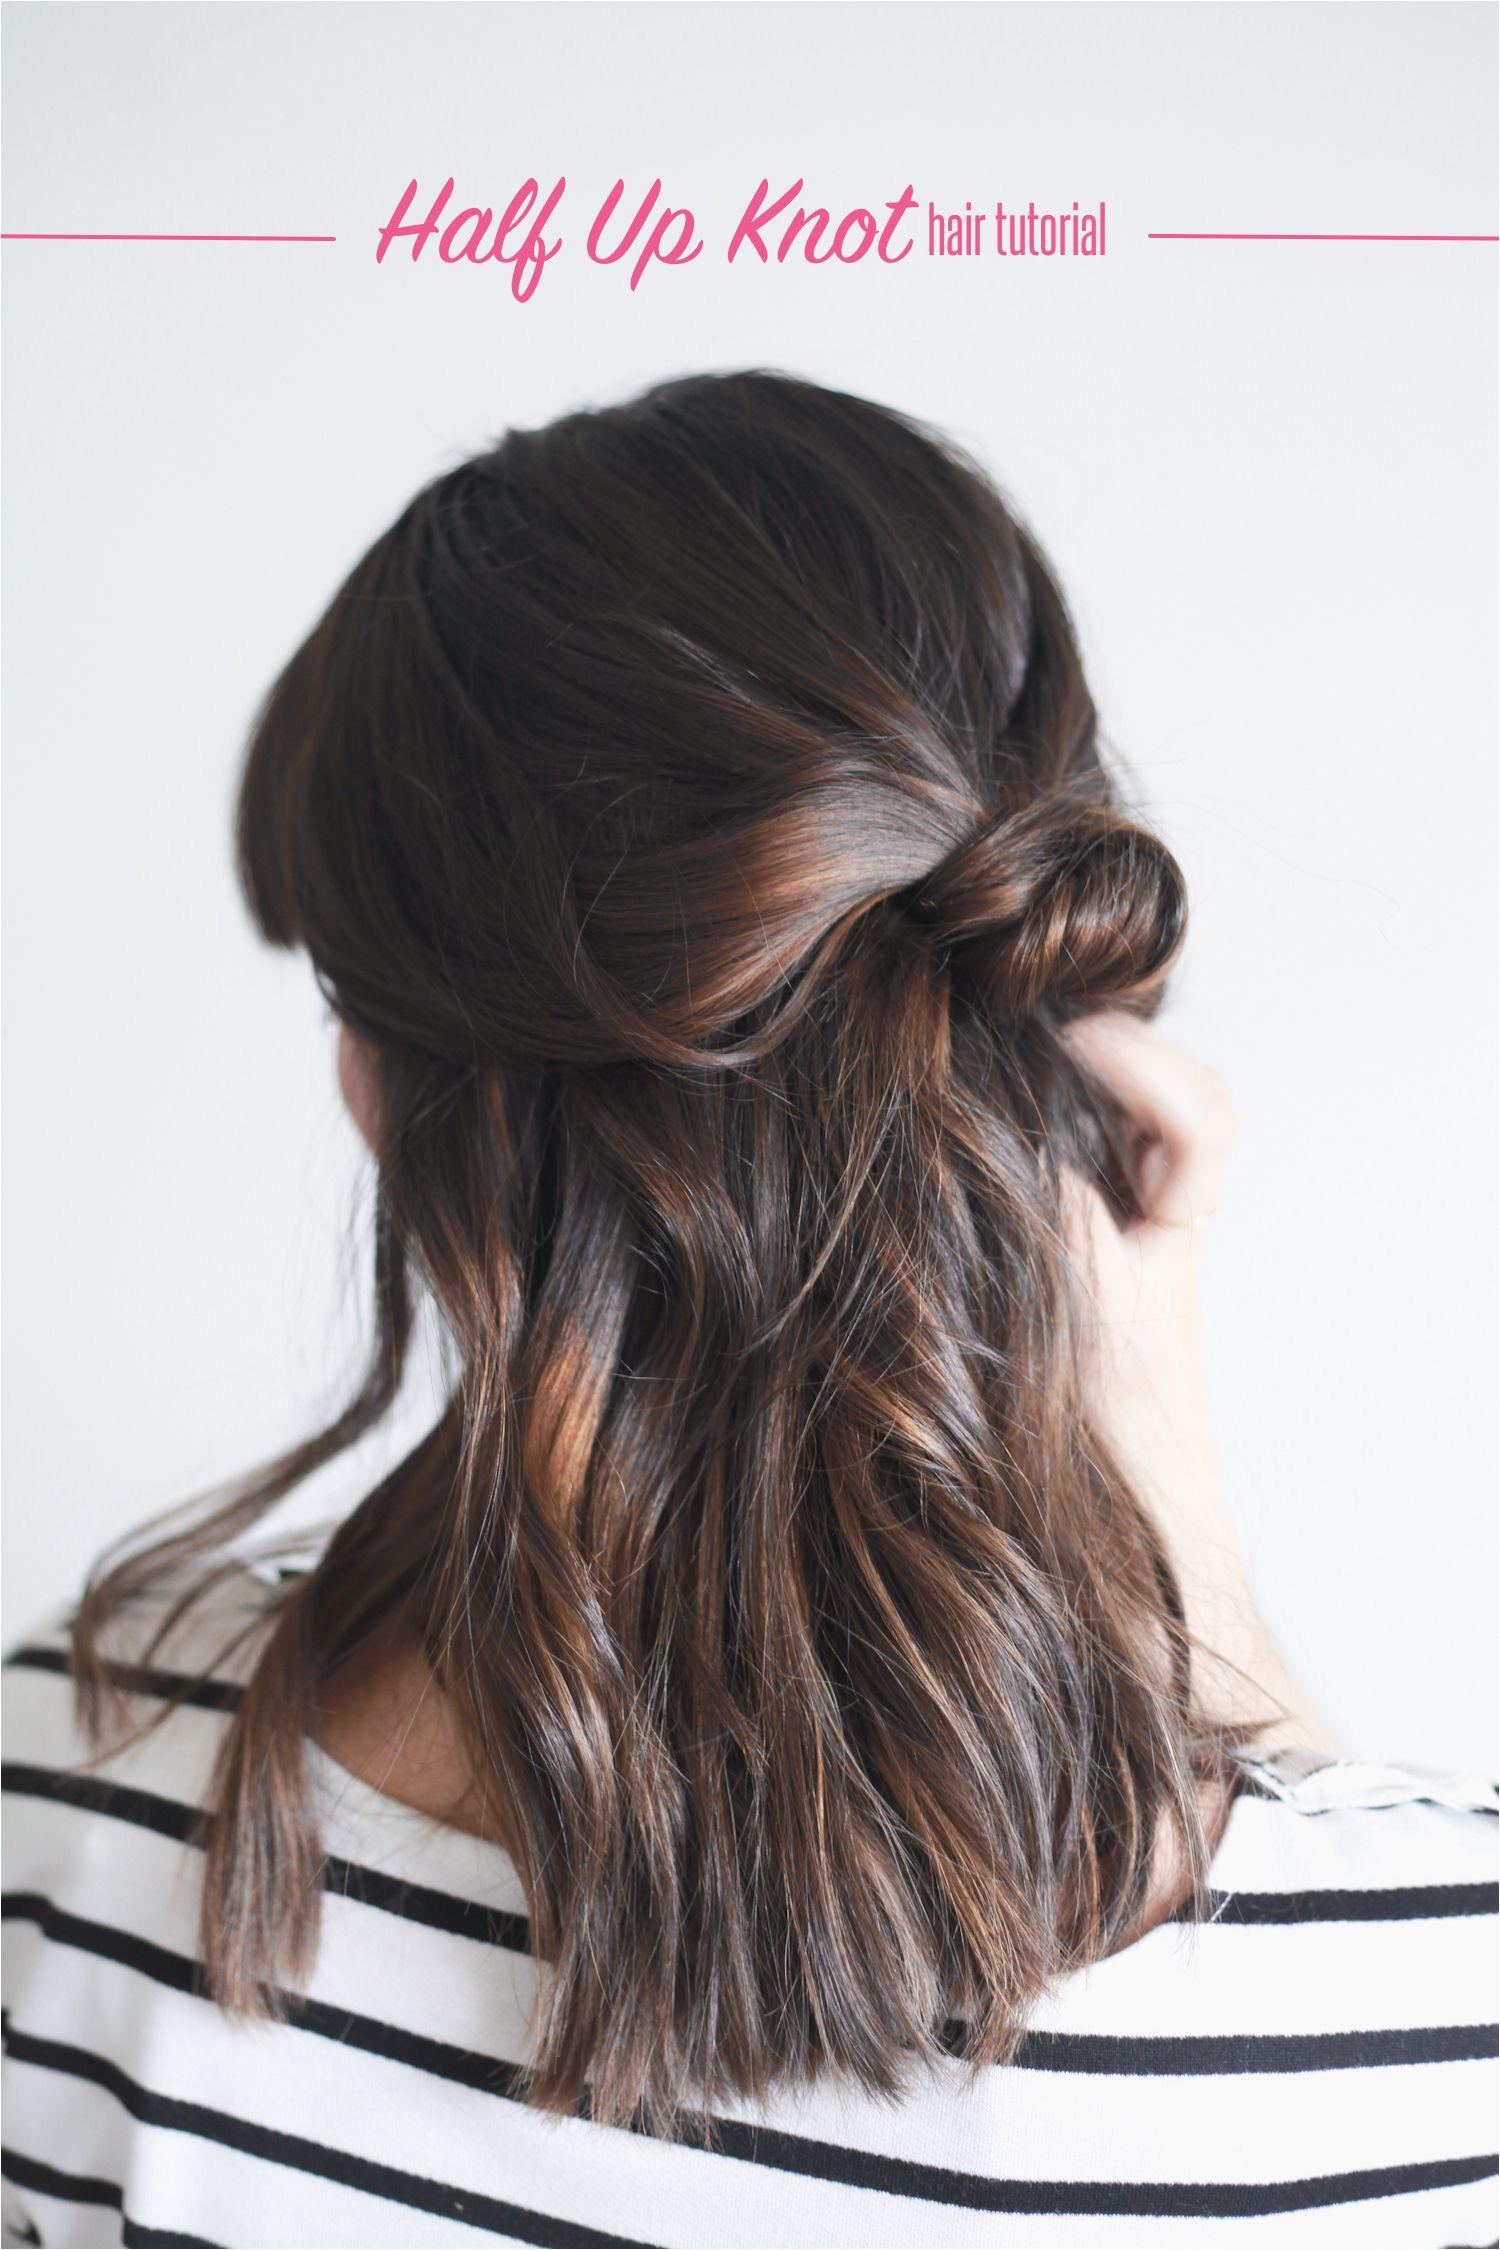 Easy Half Up Hairstyles Tutorial Hair Tutorial Half Up Knot In 4 Easy Steps In 2018